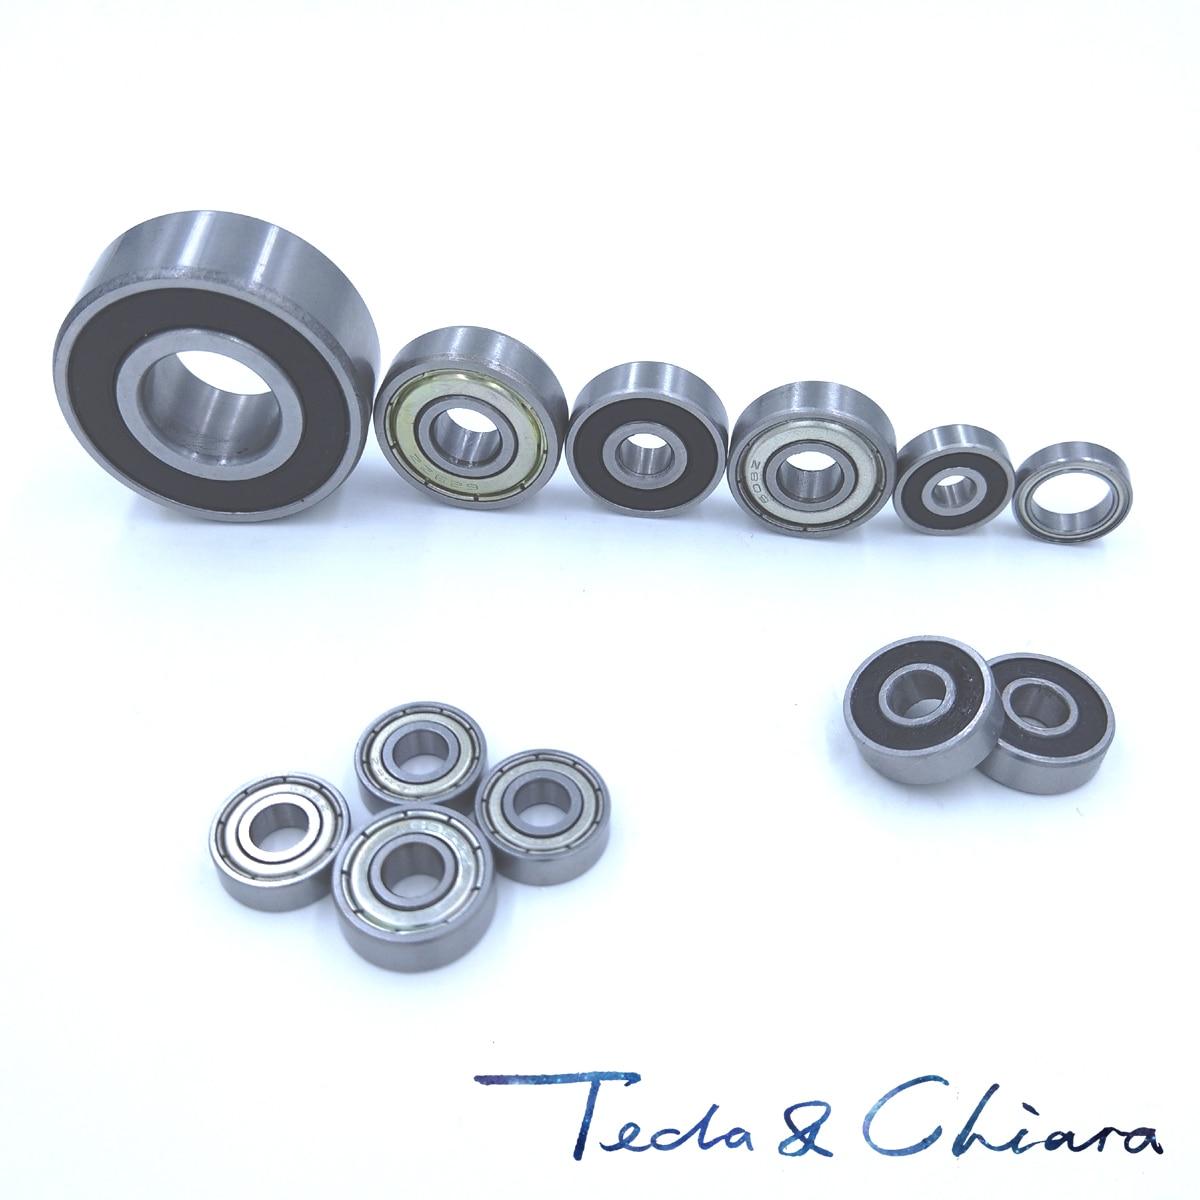 608 608ZZ 608RS 608-2Z 608Z 608-2RS ZZ RS RZ 2RZ AEBC-5 Deep Groove Ball Bearings 8 x 22 x 7mm High Quality